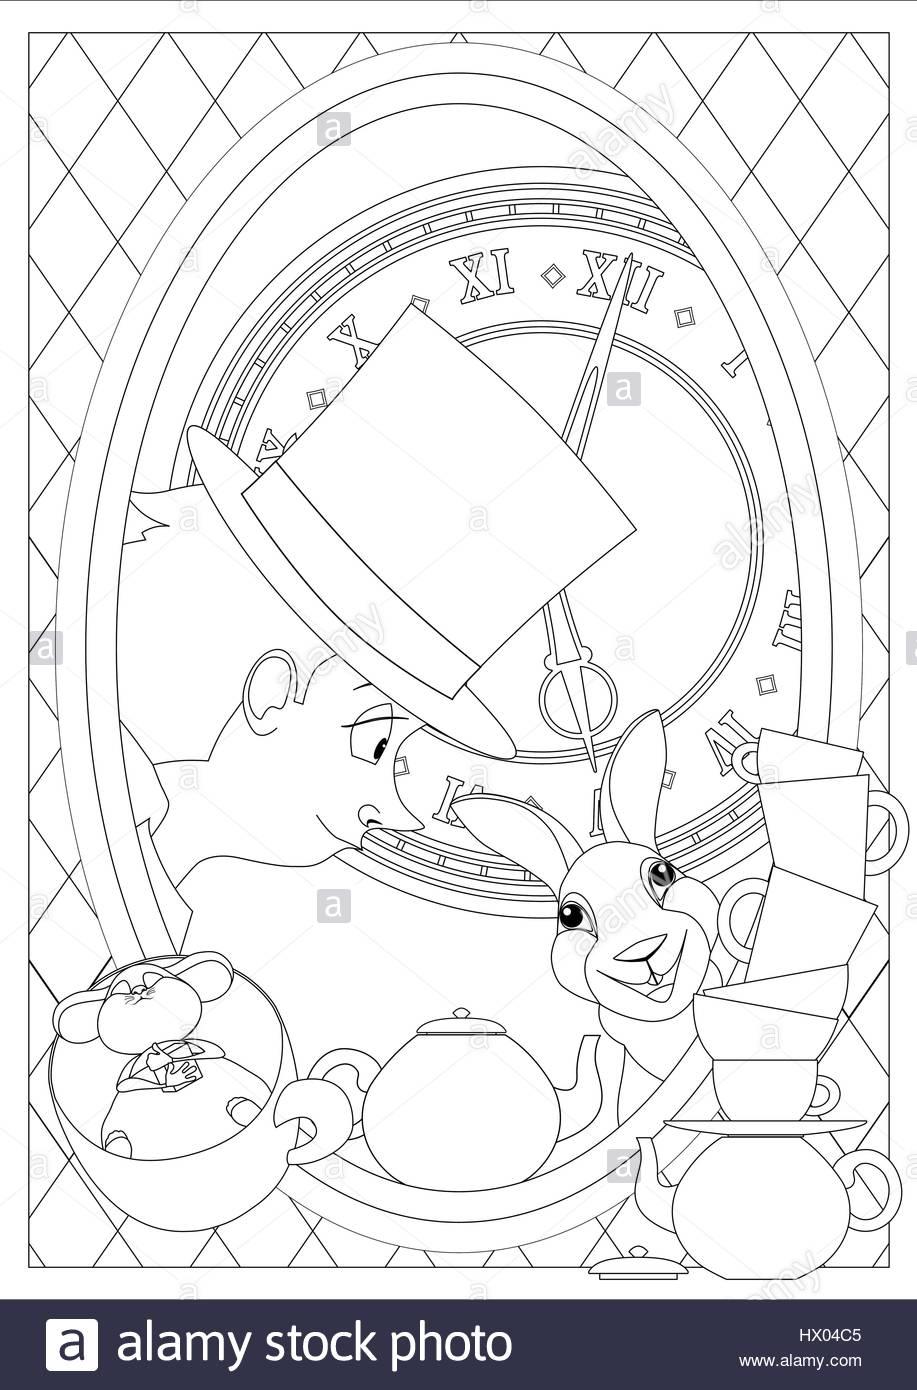 Malvorlagen Alice Im Wunderland Verrückten Teeparty Hutmacher